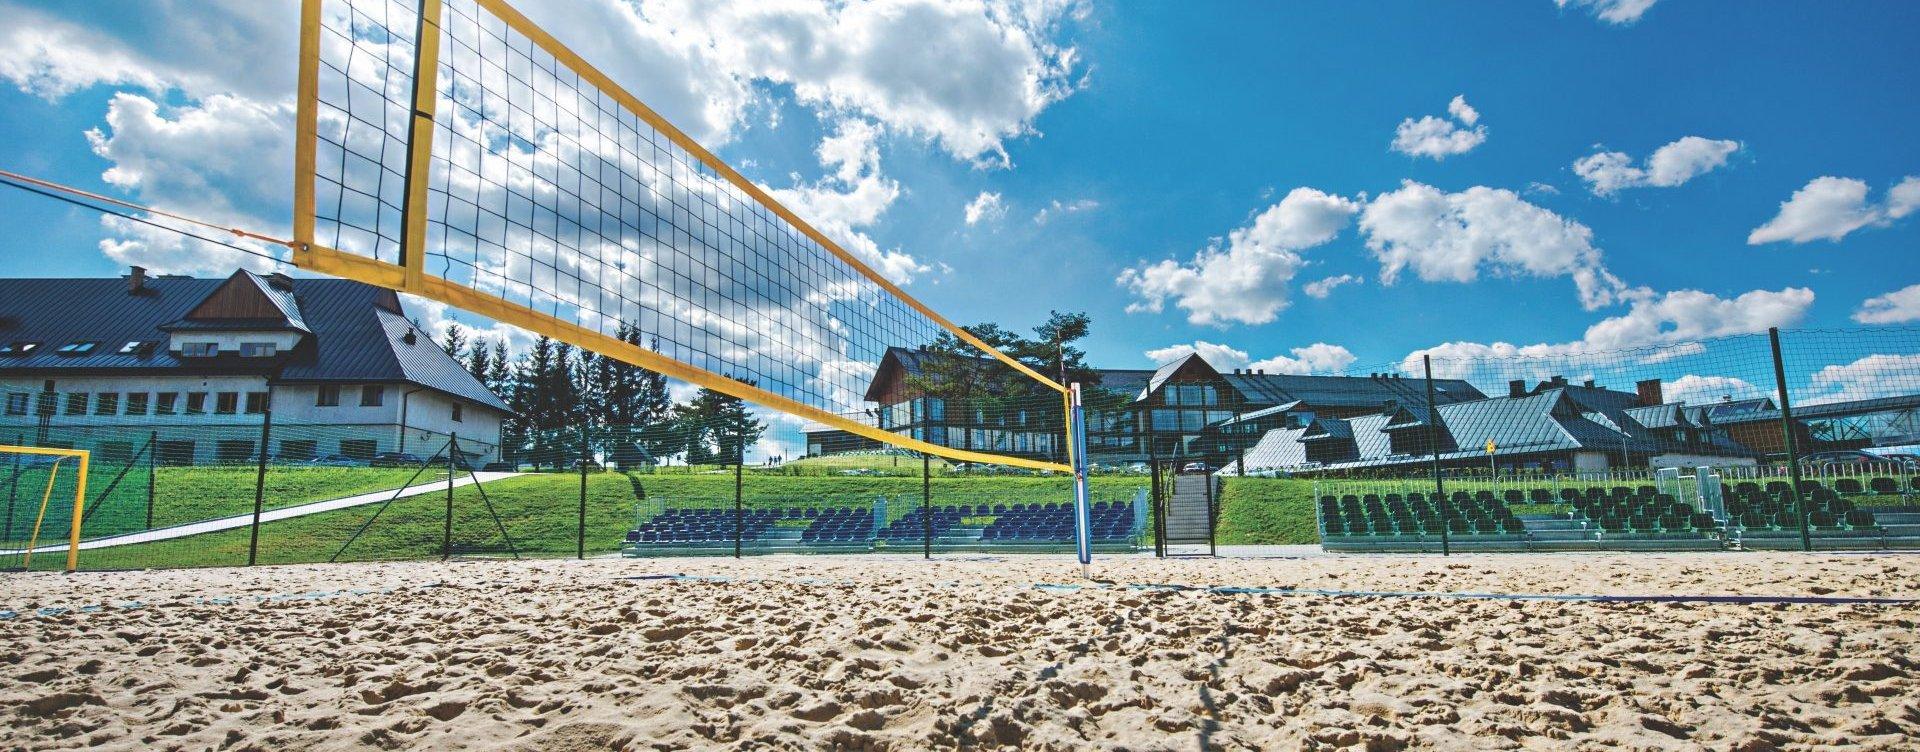 Mega piaskownica, boisko do siatkówki plażowej